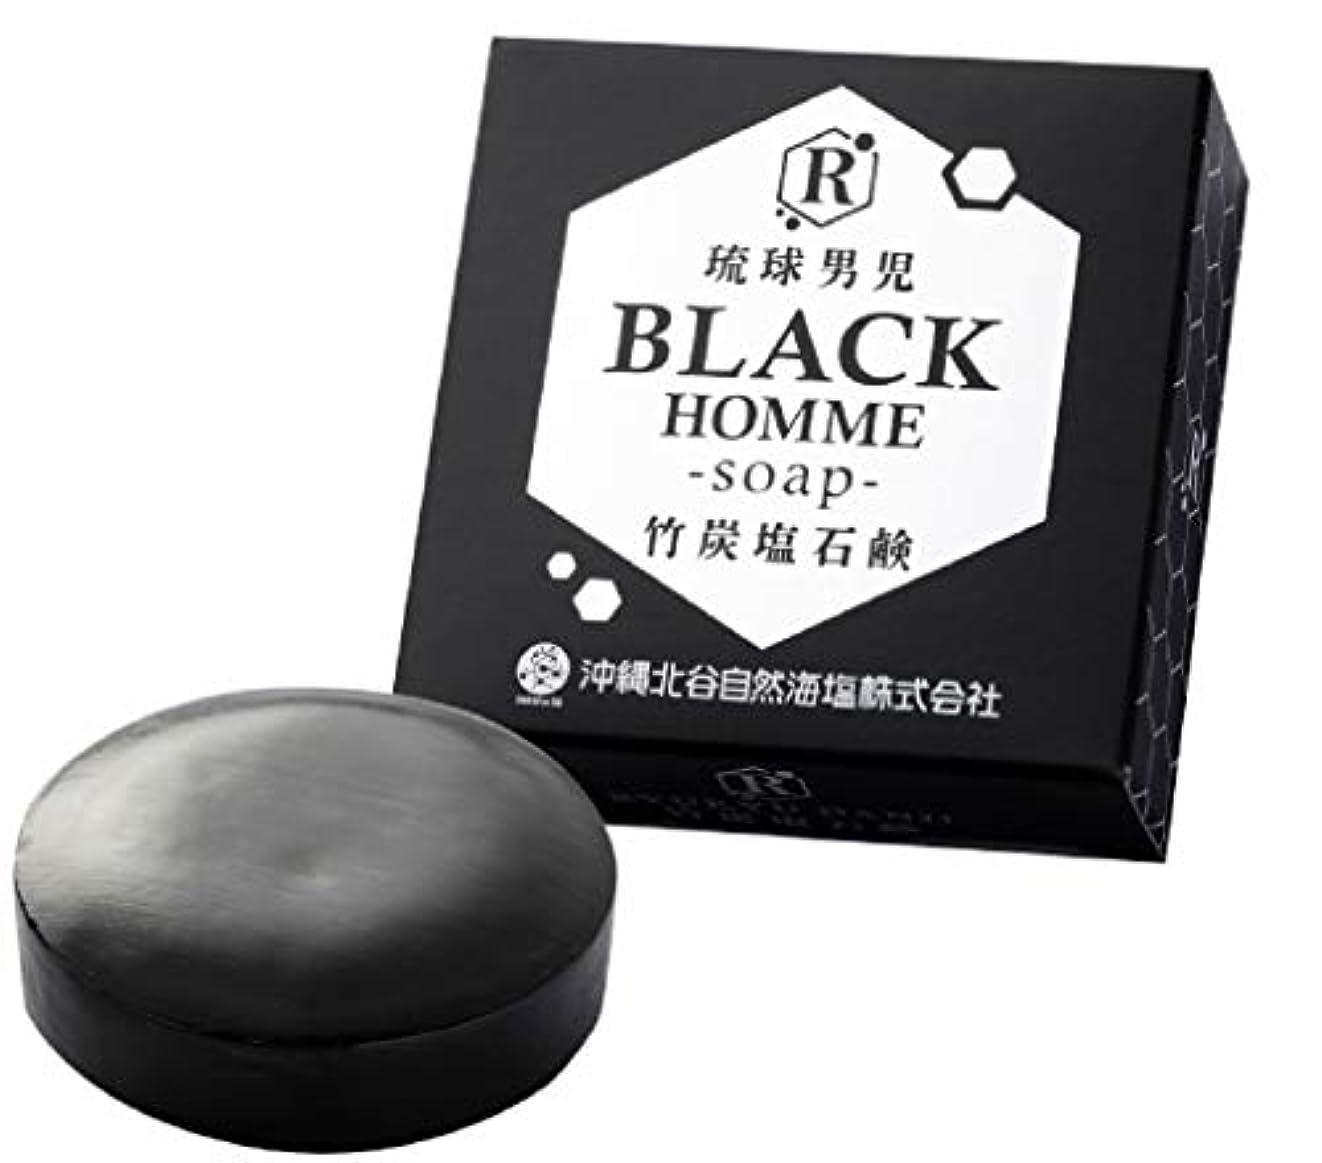 ピンク時々ホール【4個セット】琉球男児 竹炭塩石鹸 BLACK HOMME-soap- 60g 泡立てネット付き